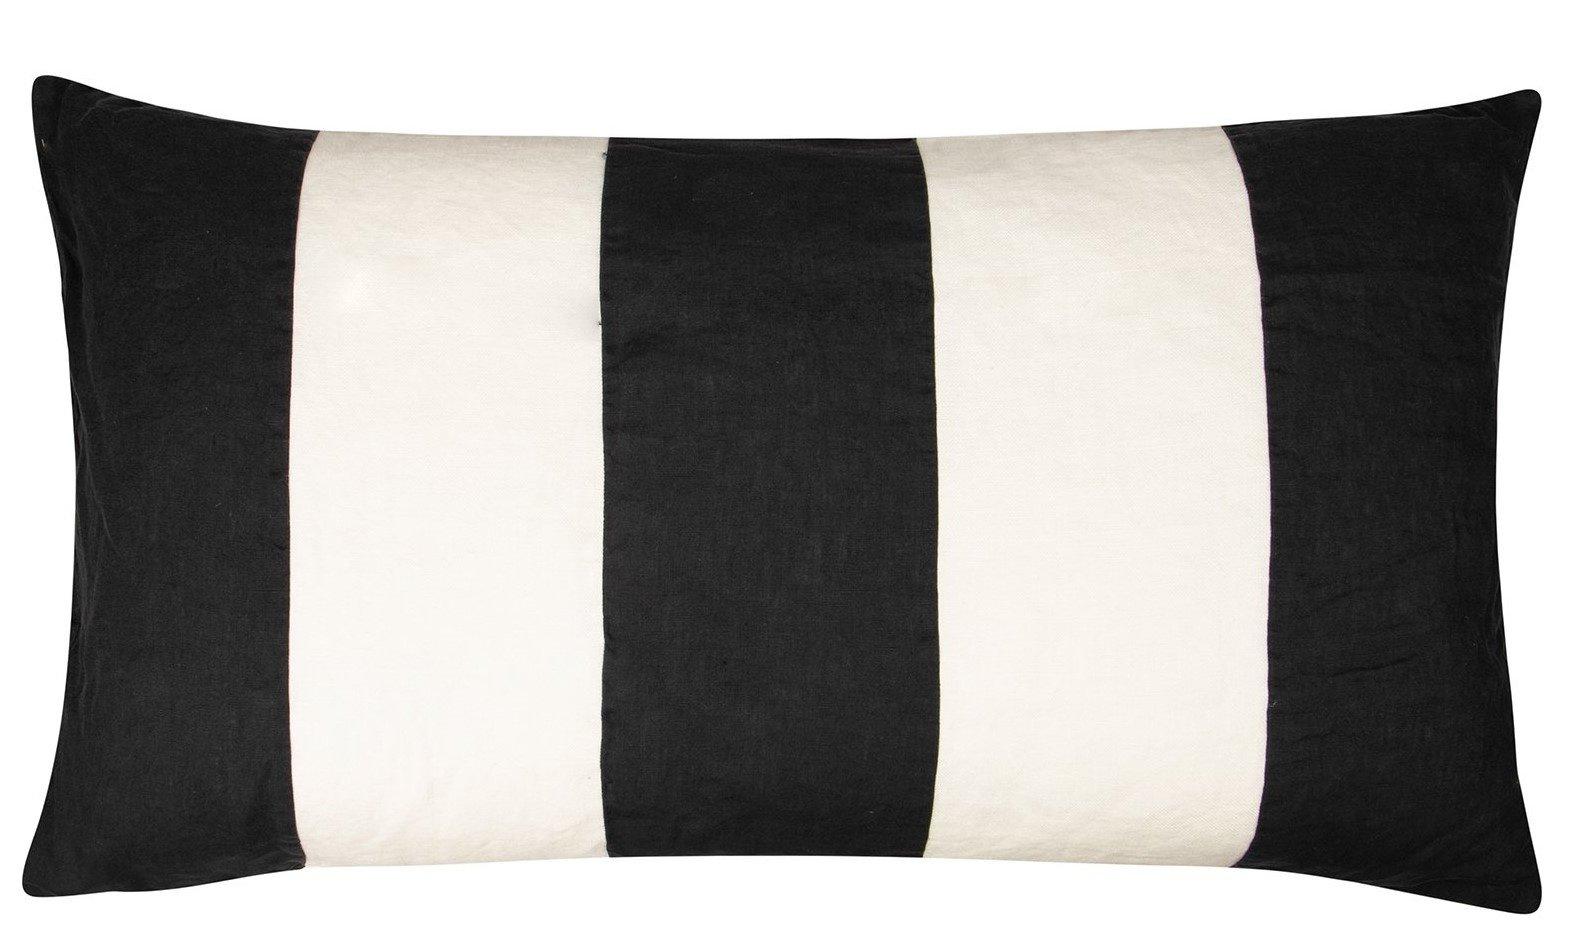 Kussenhoes Linen pillow long zwart-1